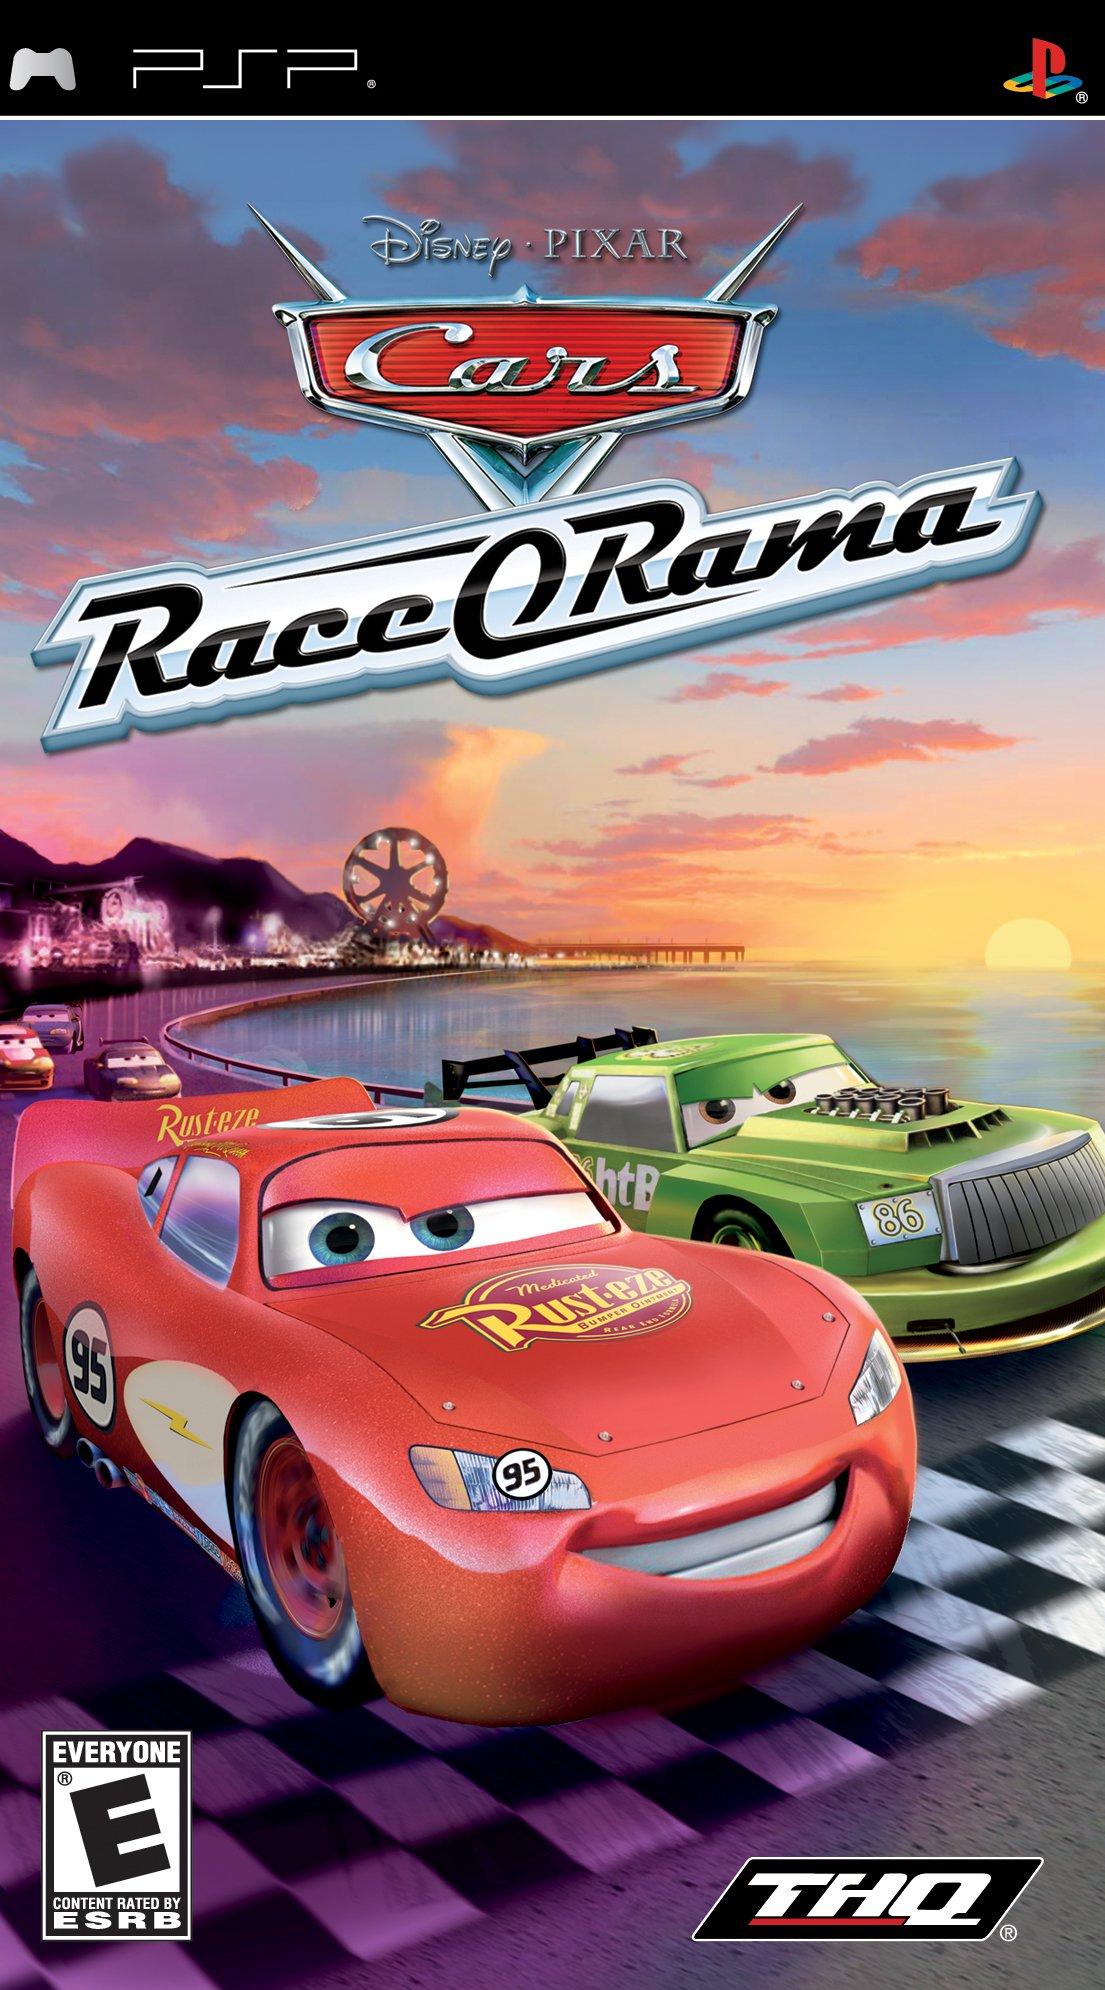 Disney's Cars Race O Rama - Sony PSP